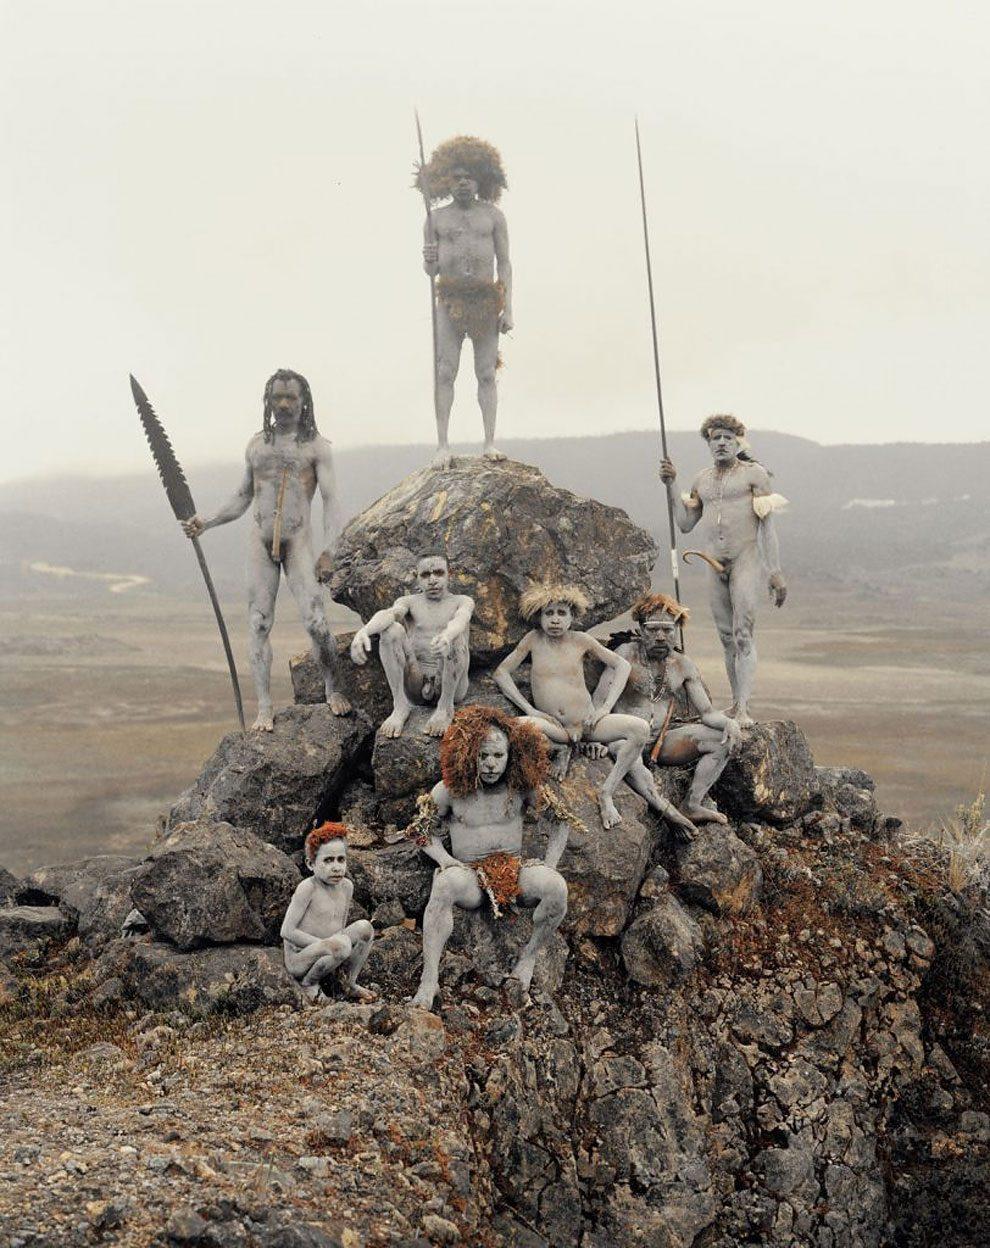 tribu-indigeni-mondo-fotografia-before-they-pass-away-jimmy-nelson-50